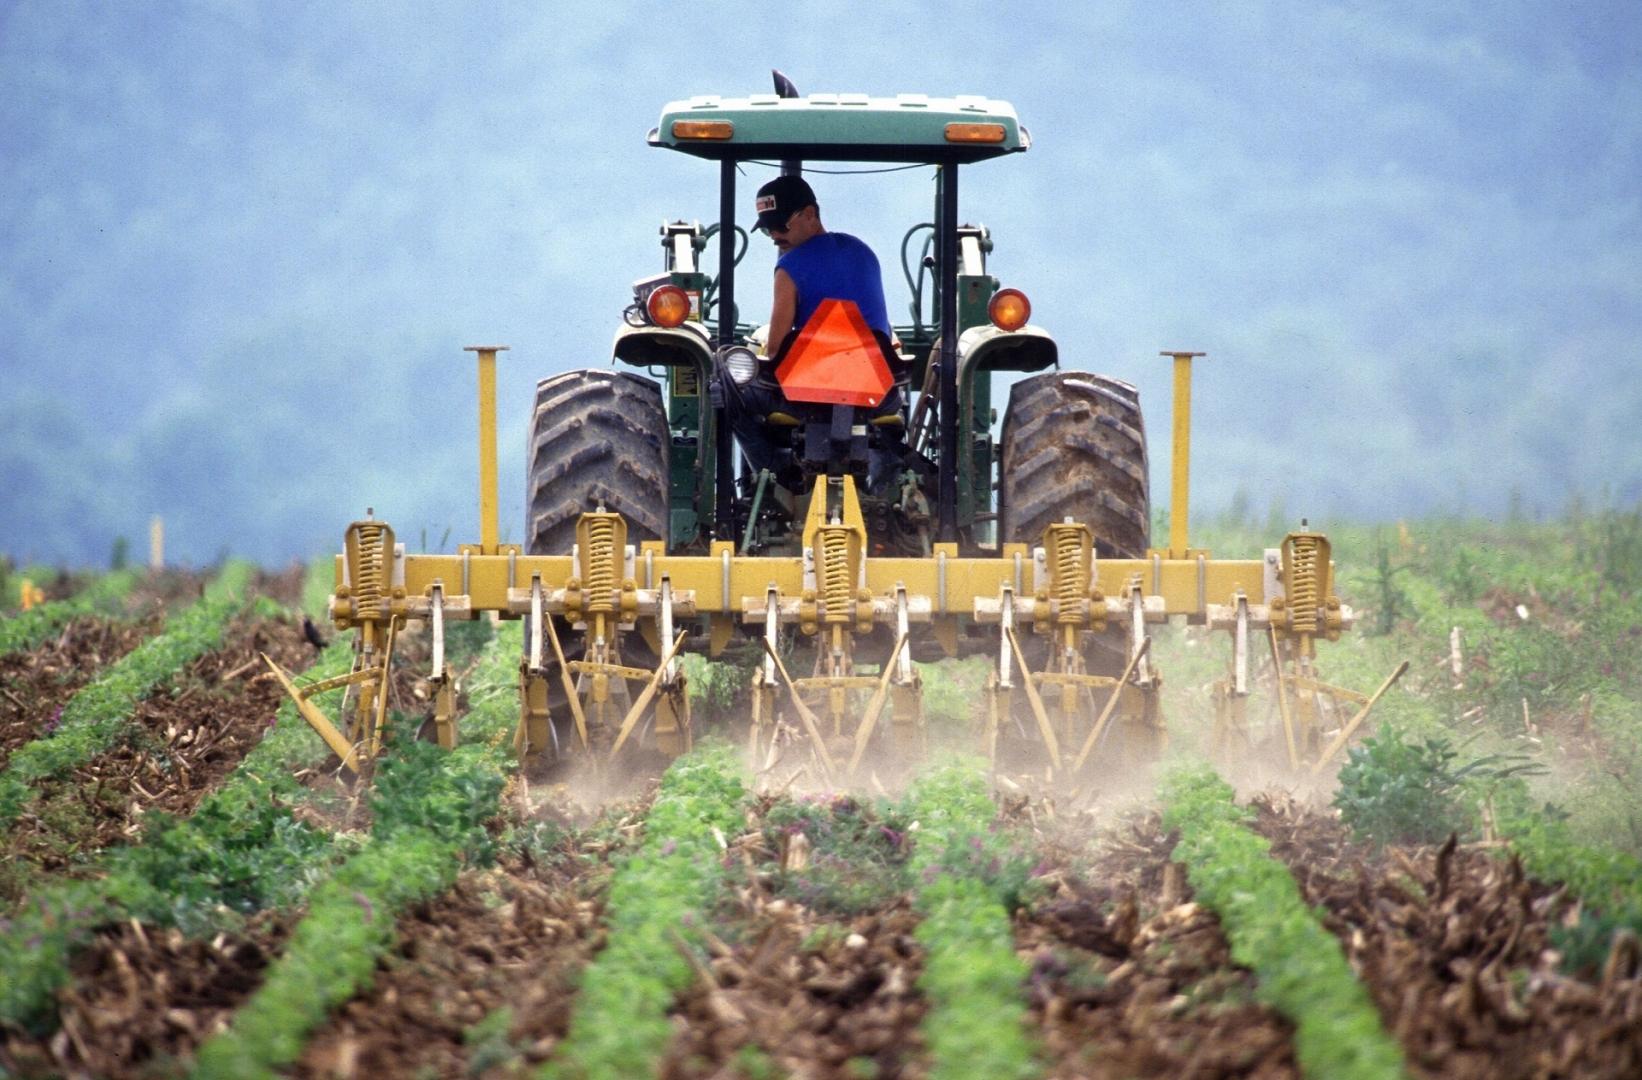 Бурно развивающееся сельское хозяйство Камчатки: кг помидоров — 900 рублей  - ИА REGNUM